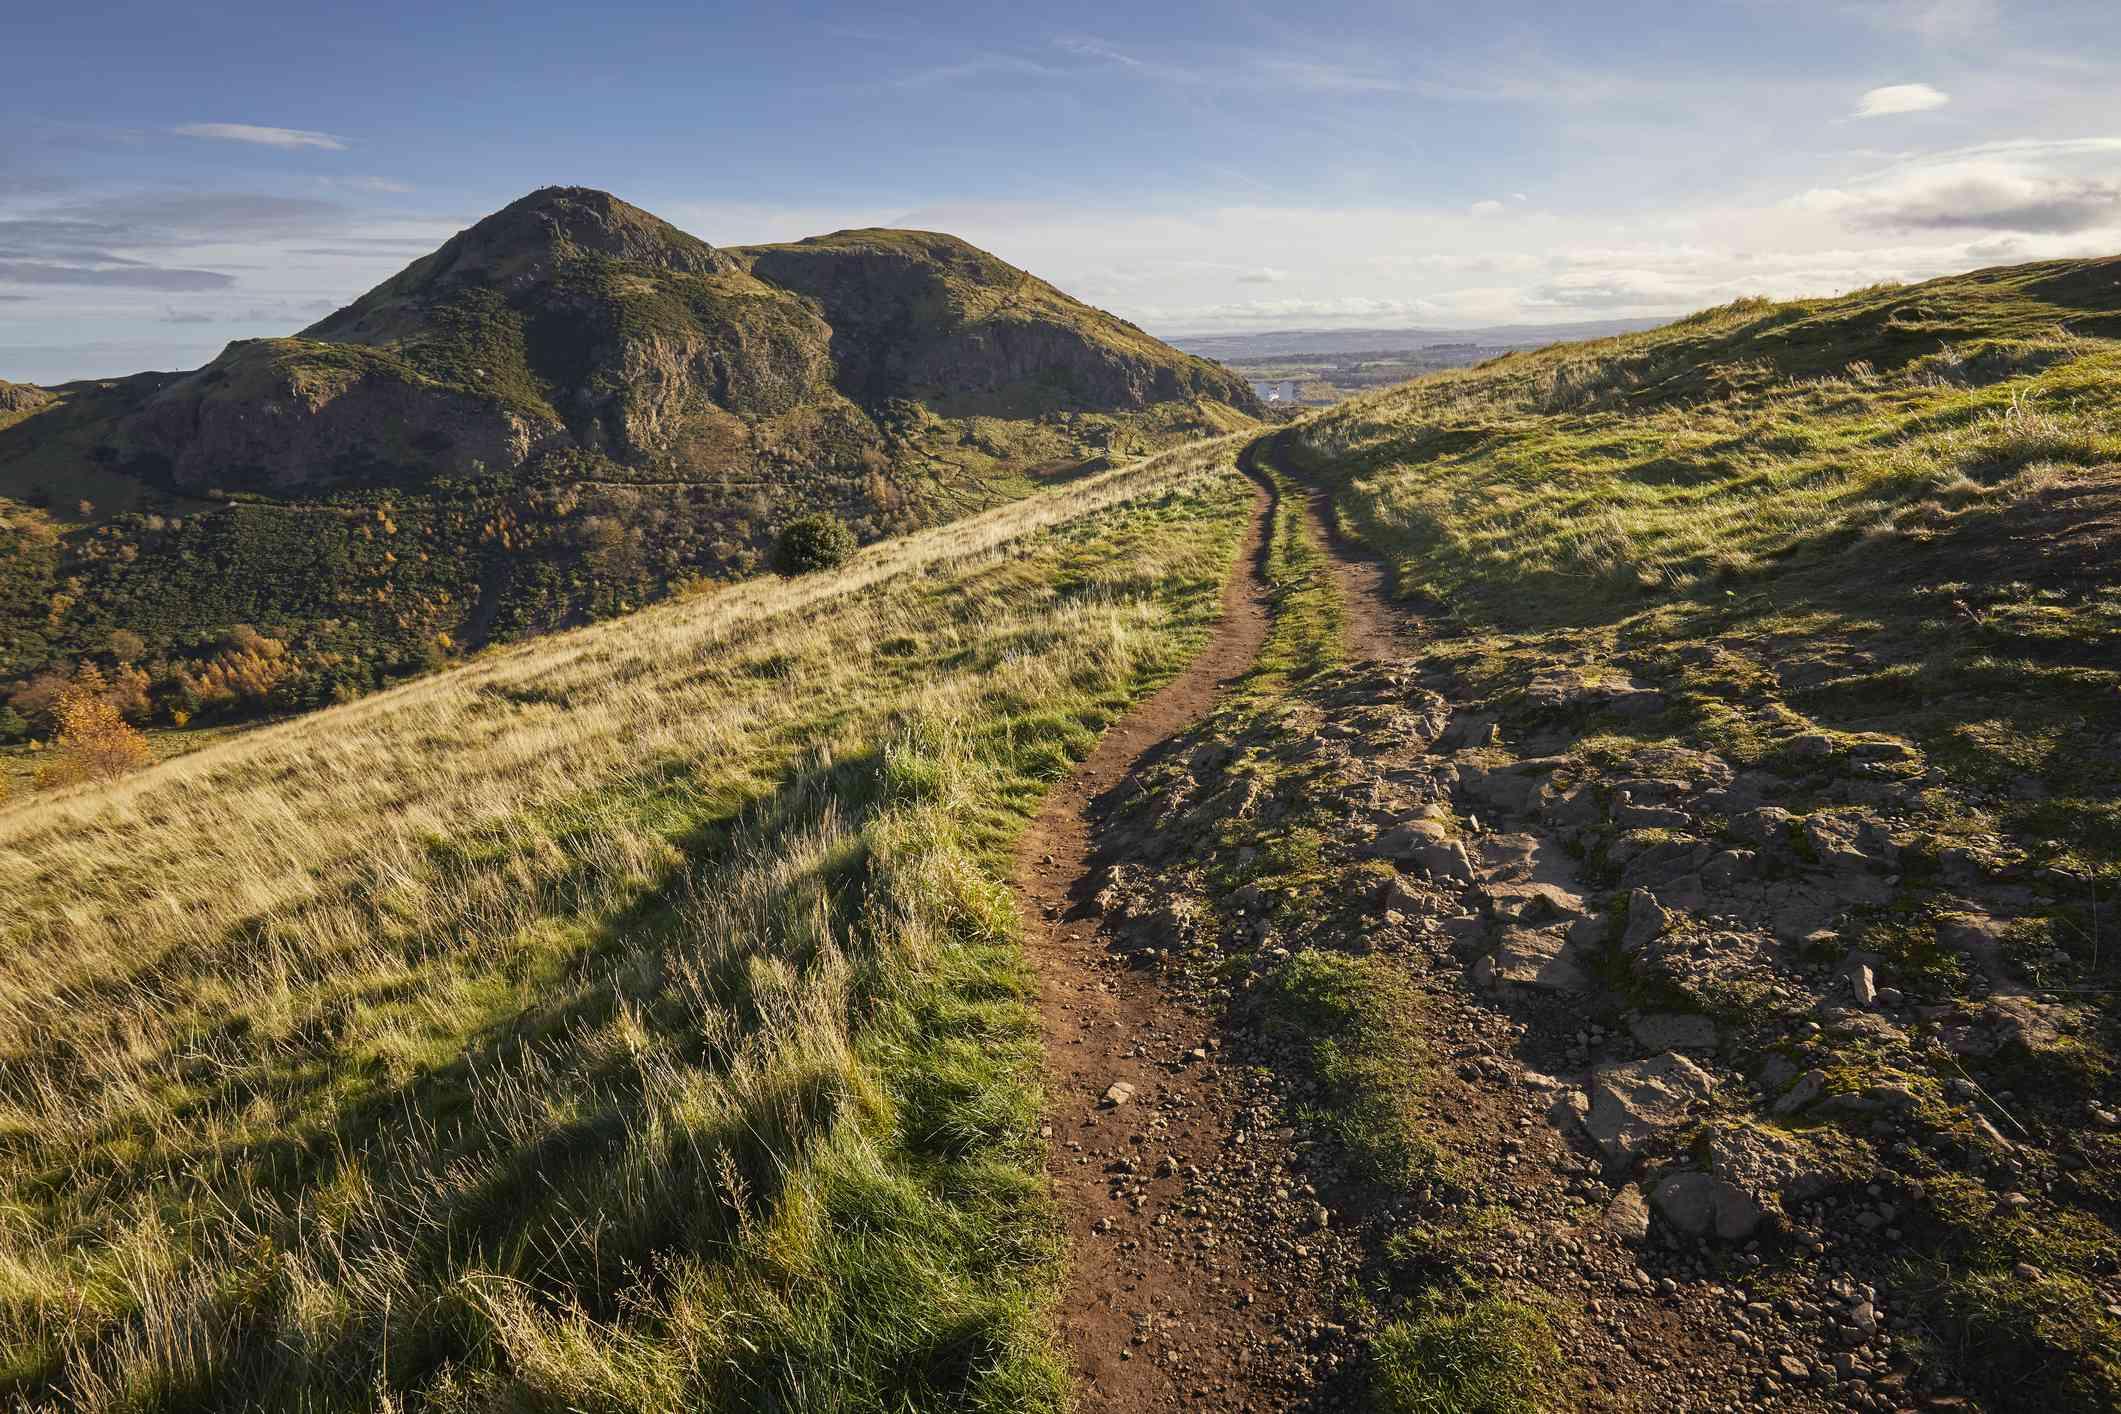 Arthur's Seat peak, summit, walking path on Salisbury Crags Holyrood Park, Edinburgh